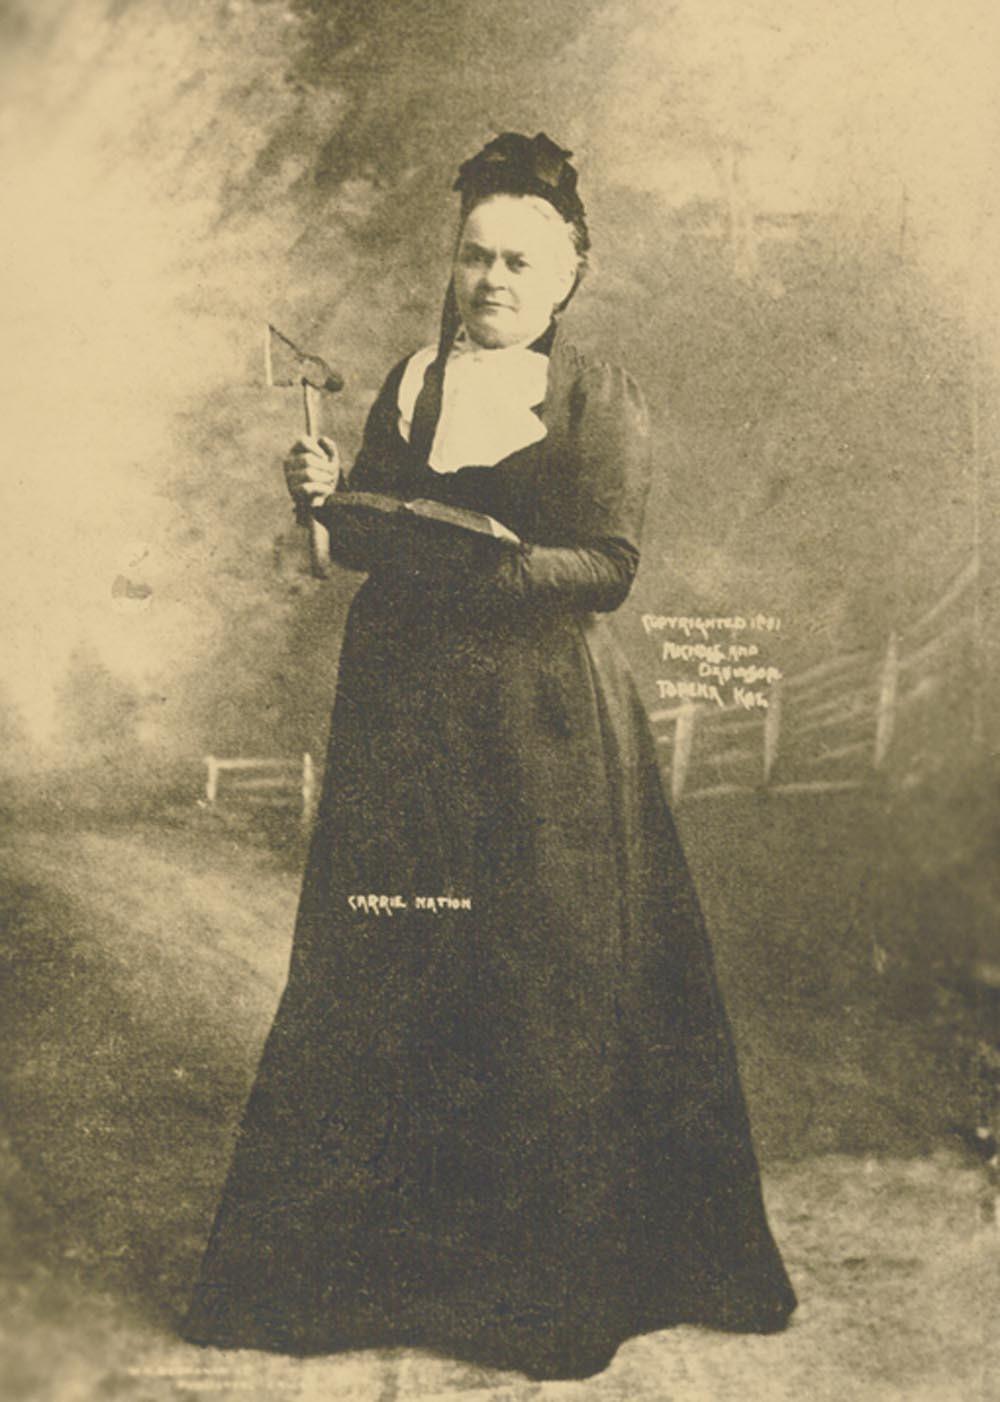 Carry Amelia Nation